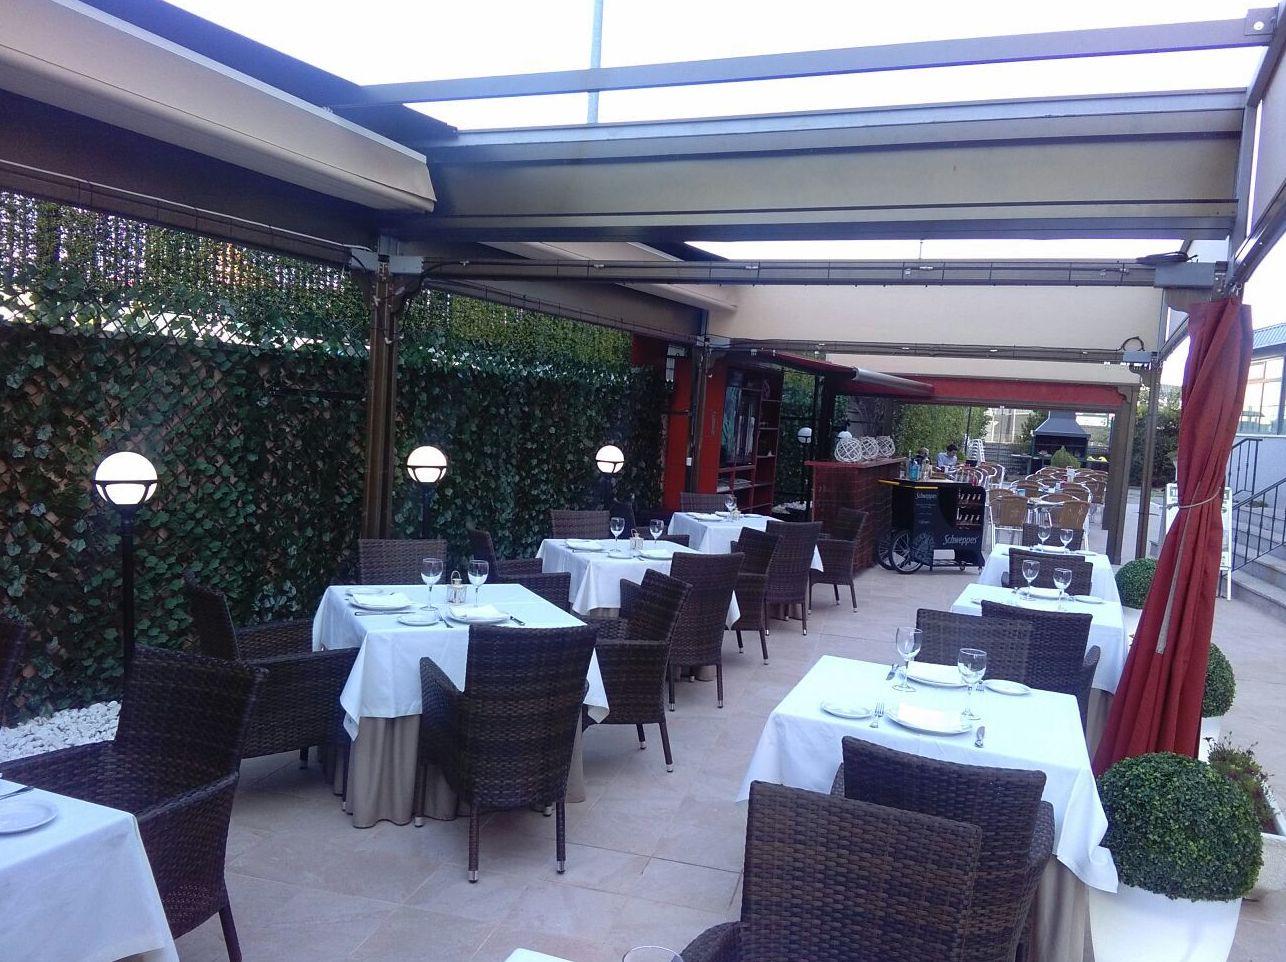 Foto 40 de Asadores en Arganda del Rey | Restaurante El Roble Hotel AB Arganda